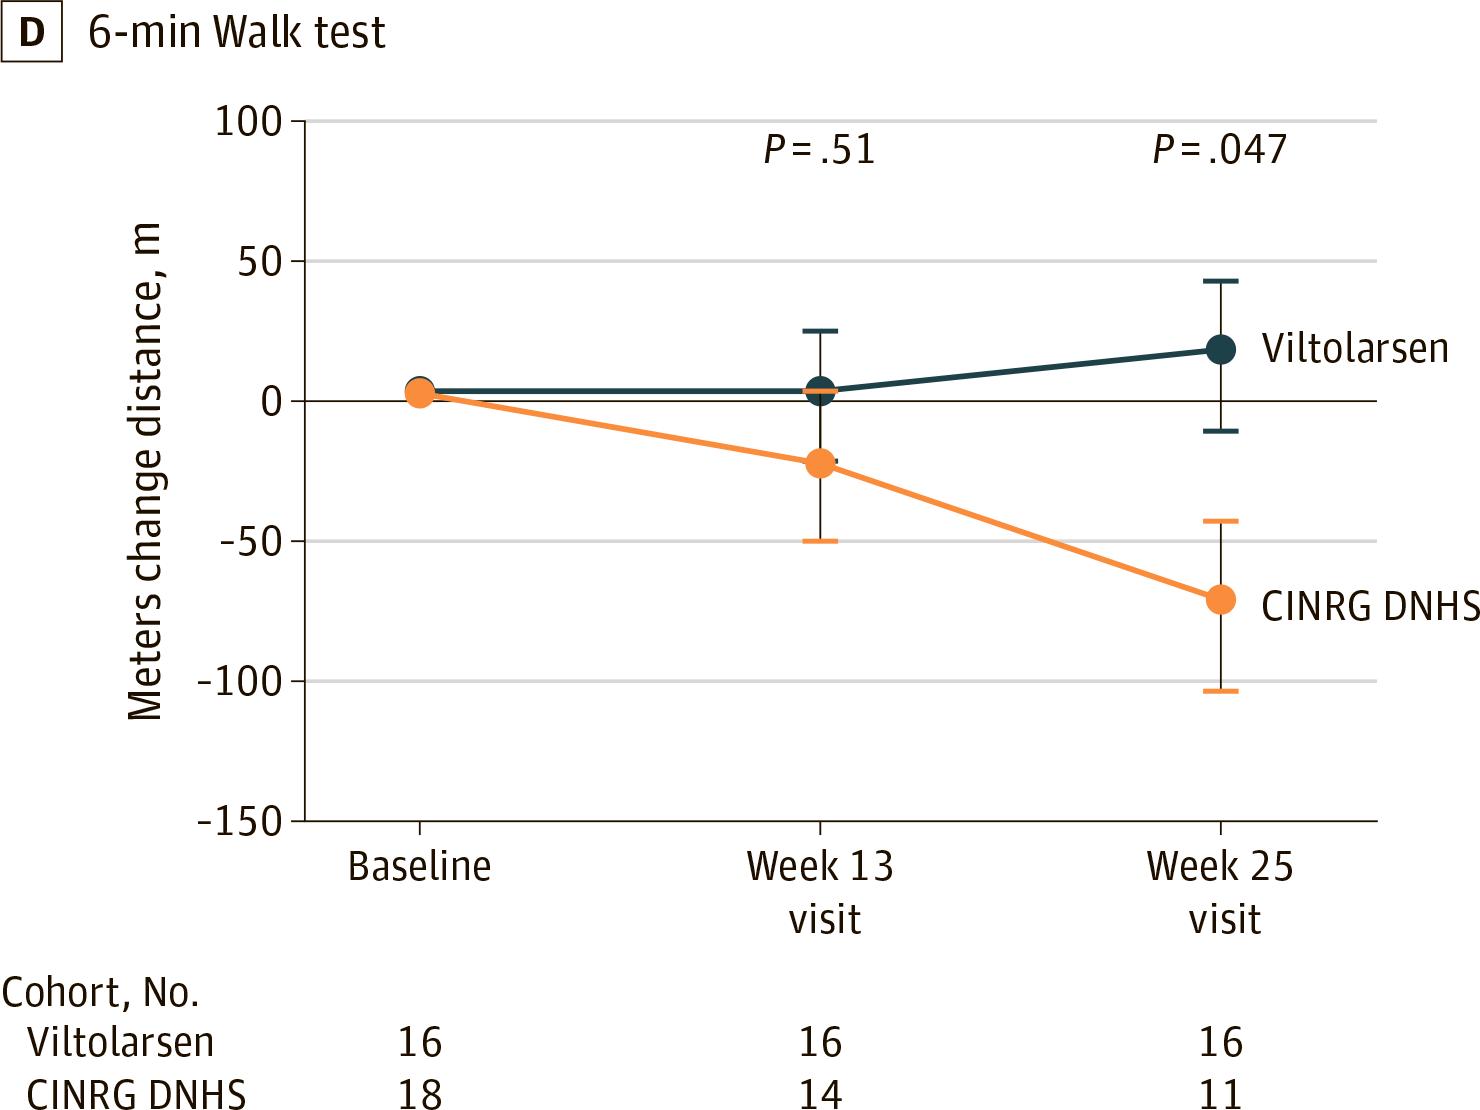 nct02740972 results 07 - «Вилтепсо»: новое лекарство против мышечной дистрофии Дюшенна